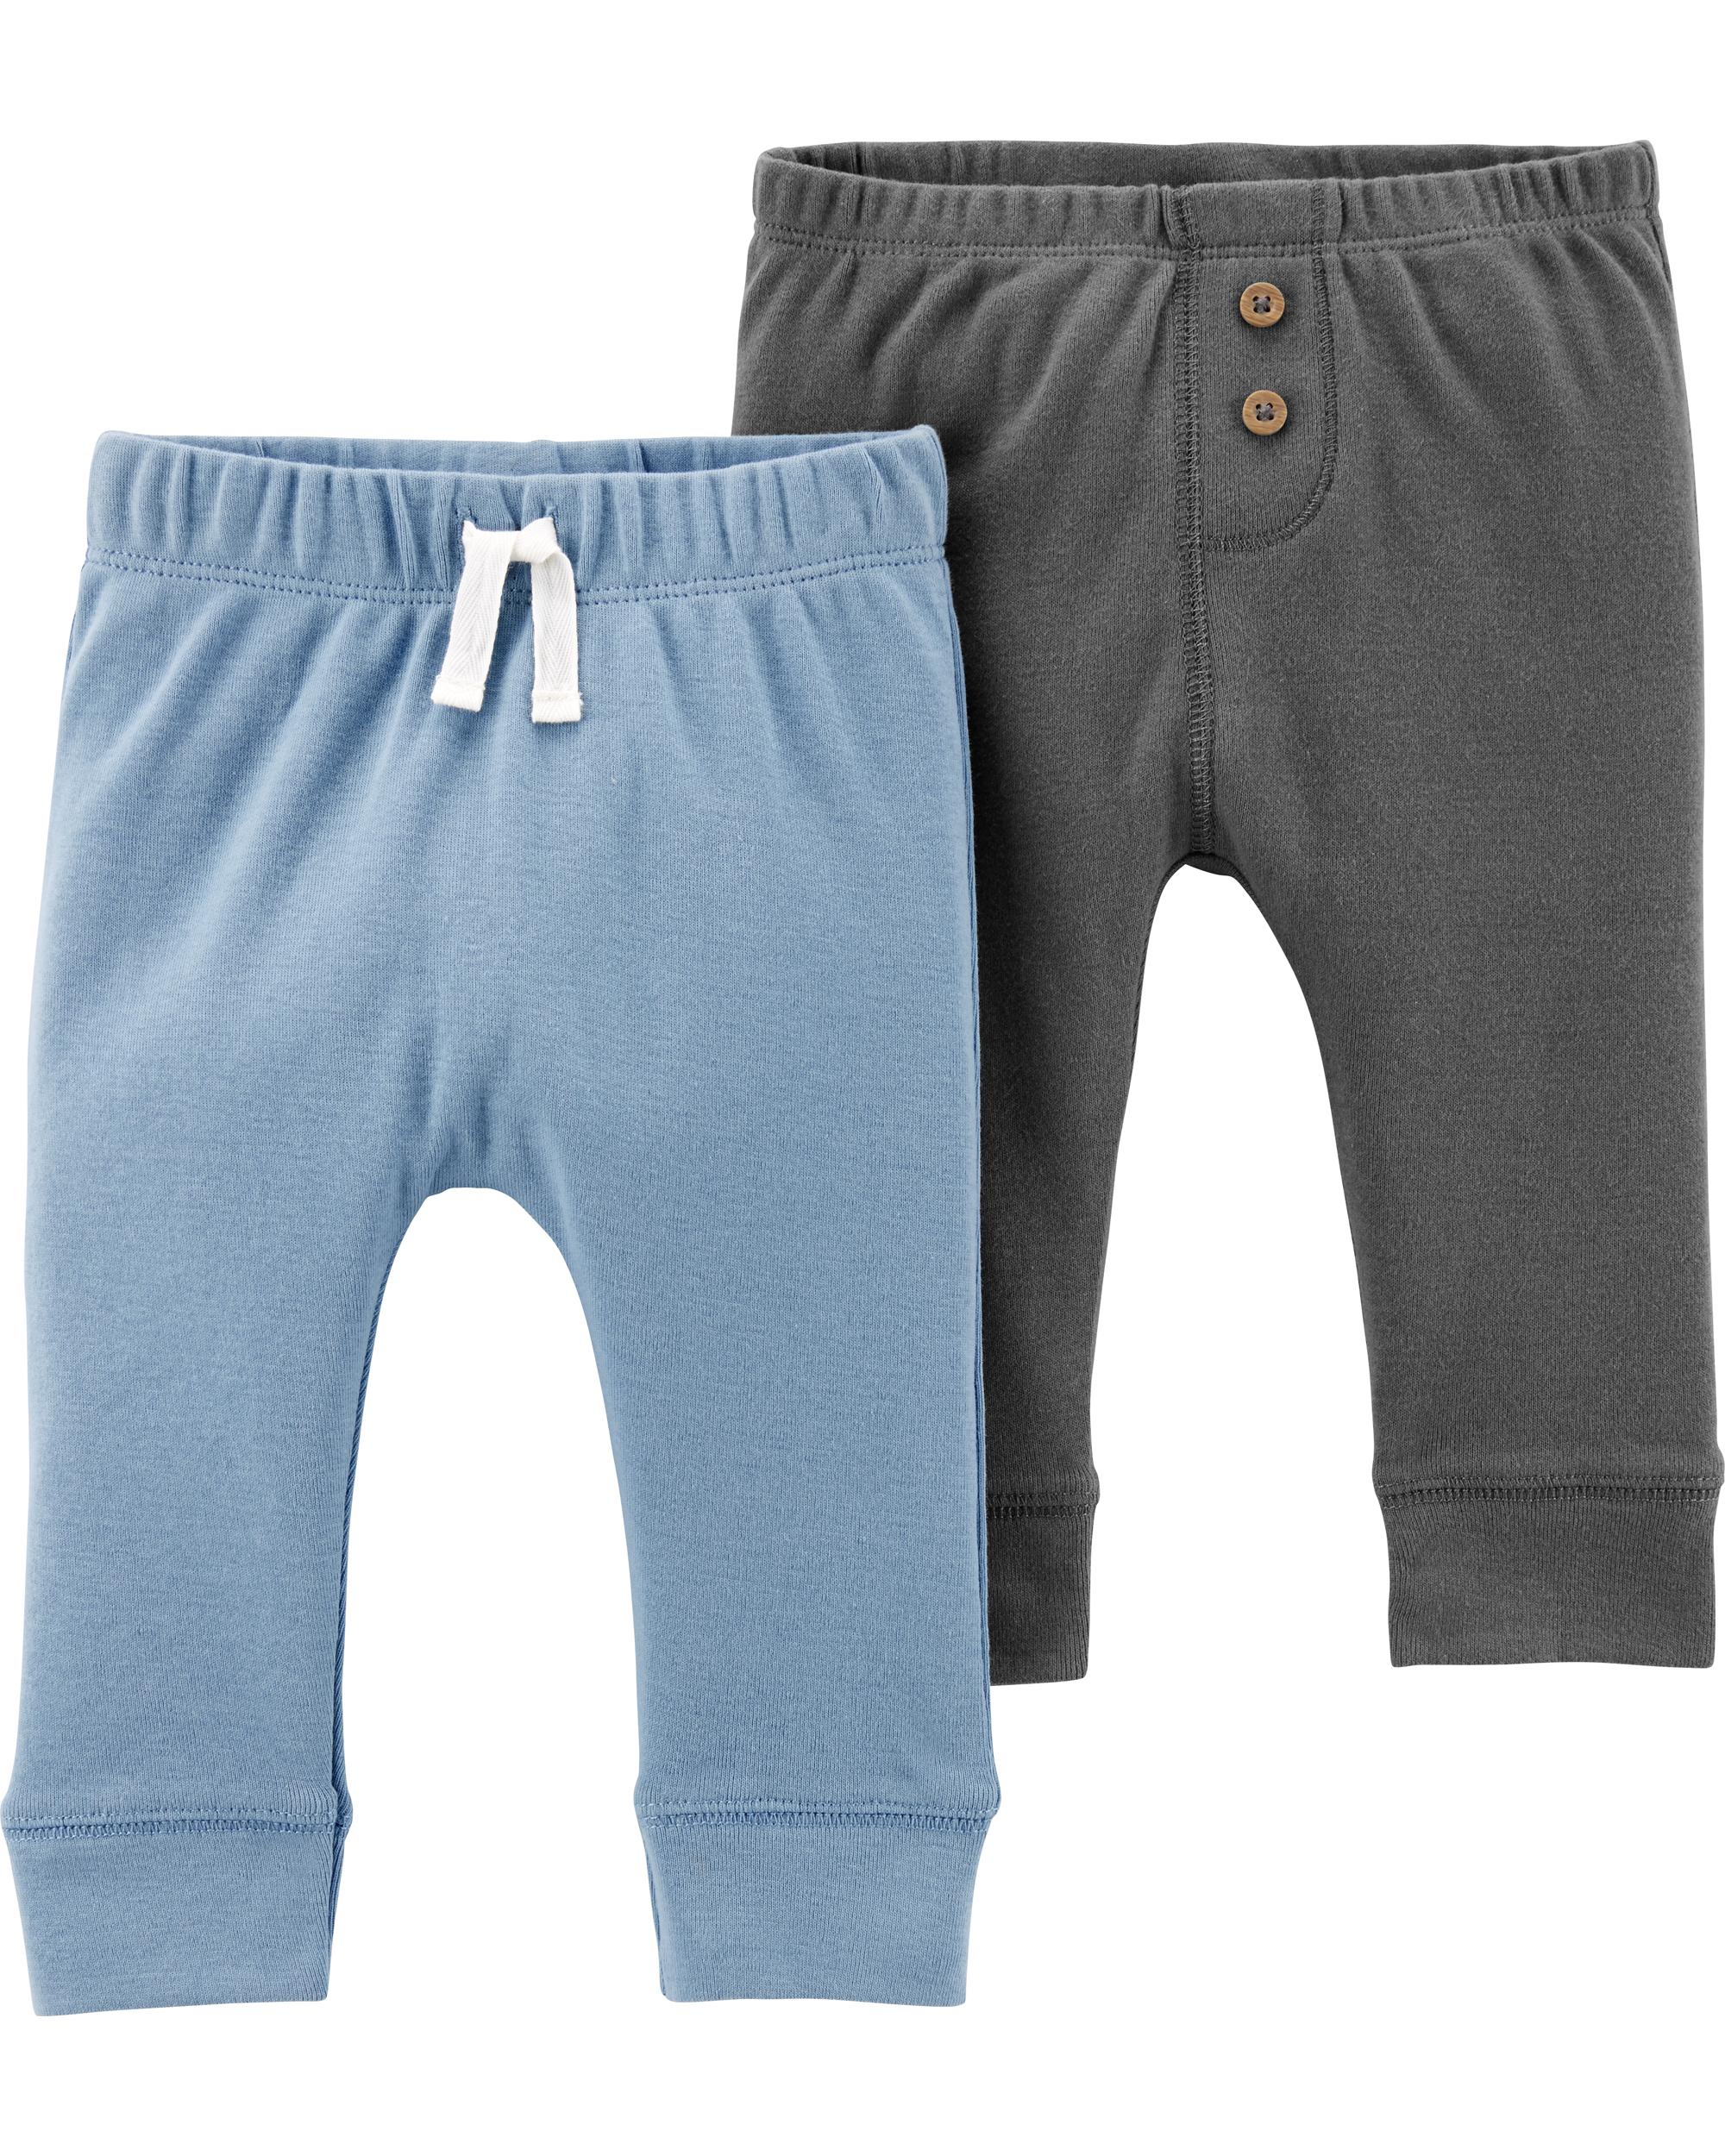 זוג מכנסיים כחולים